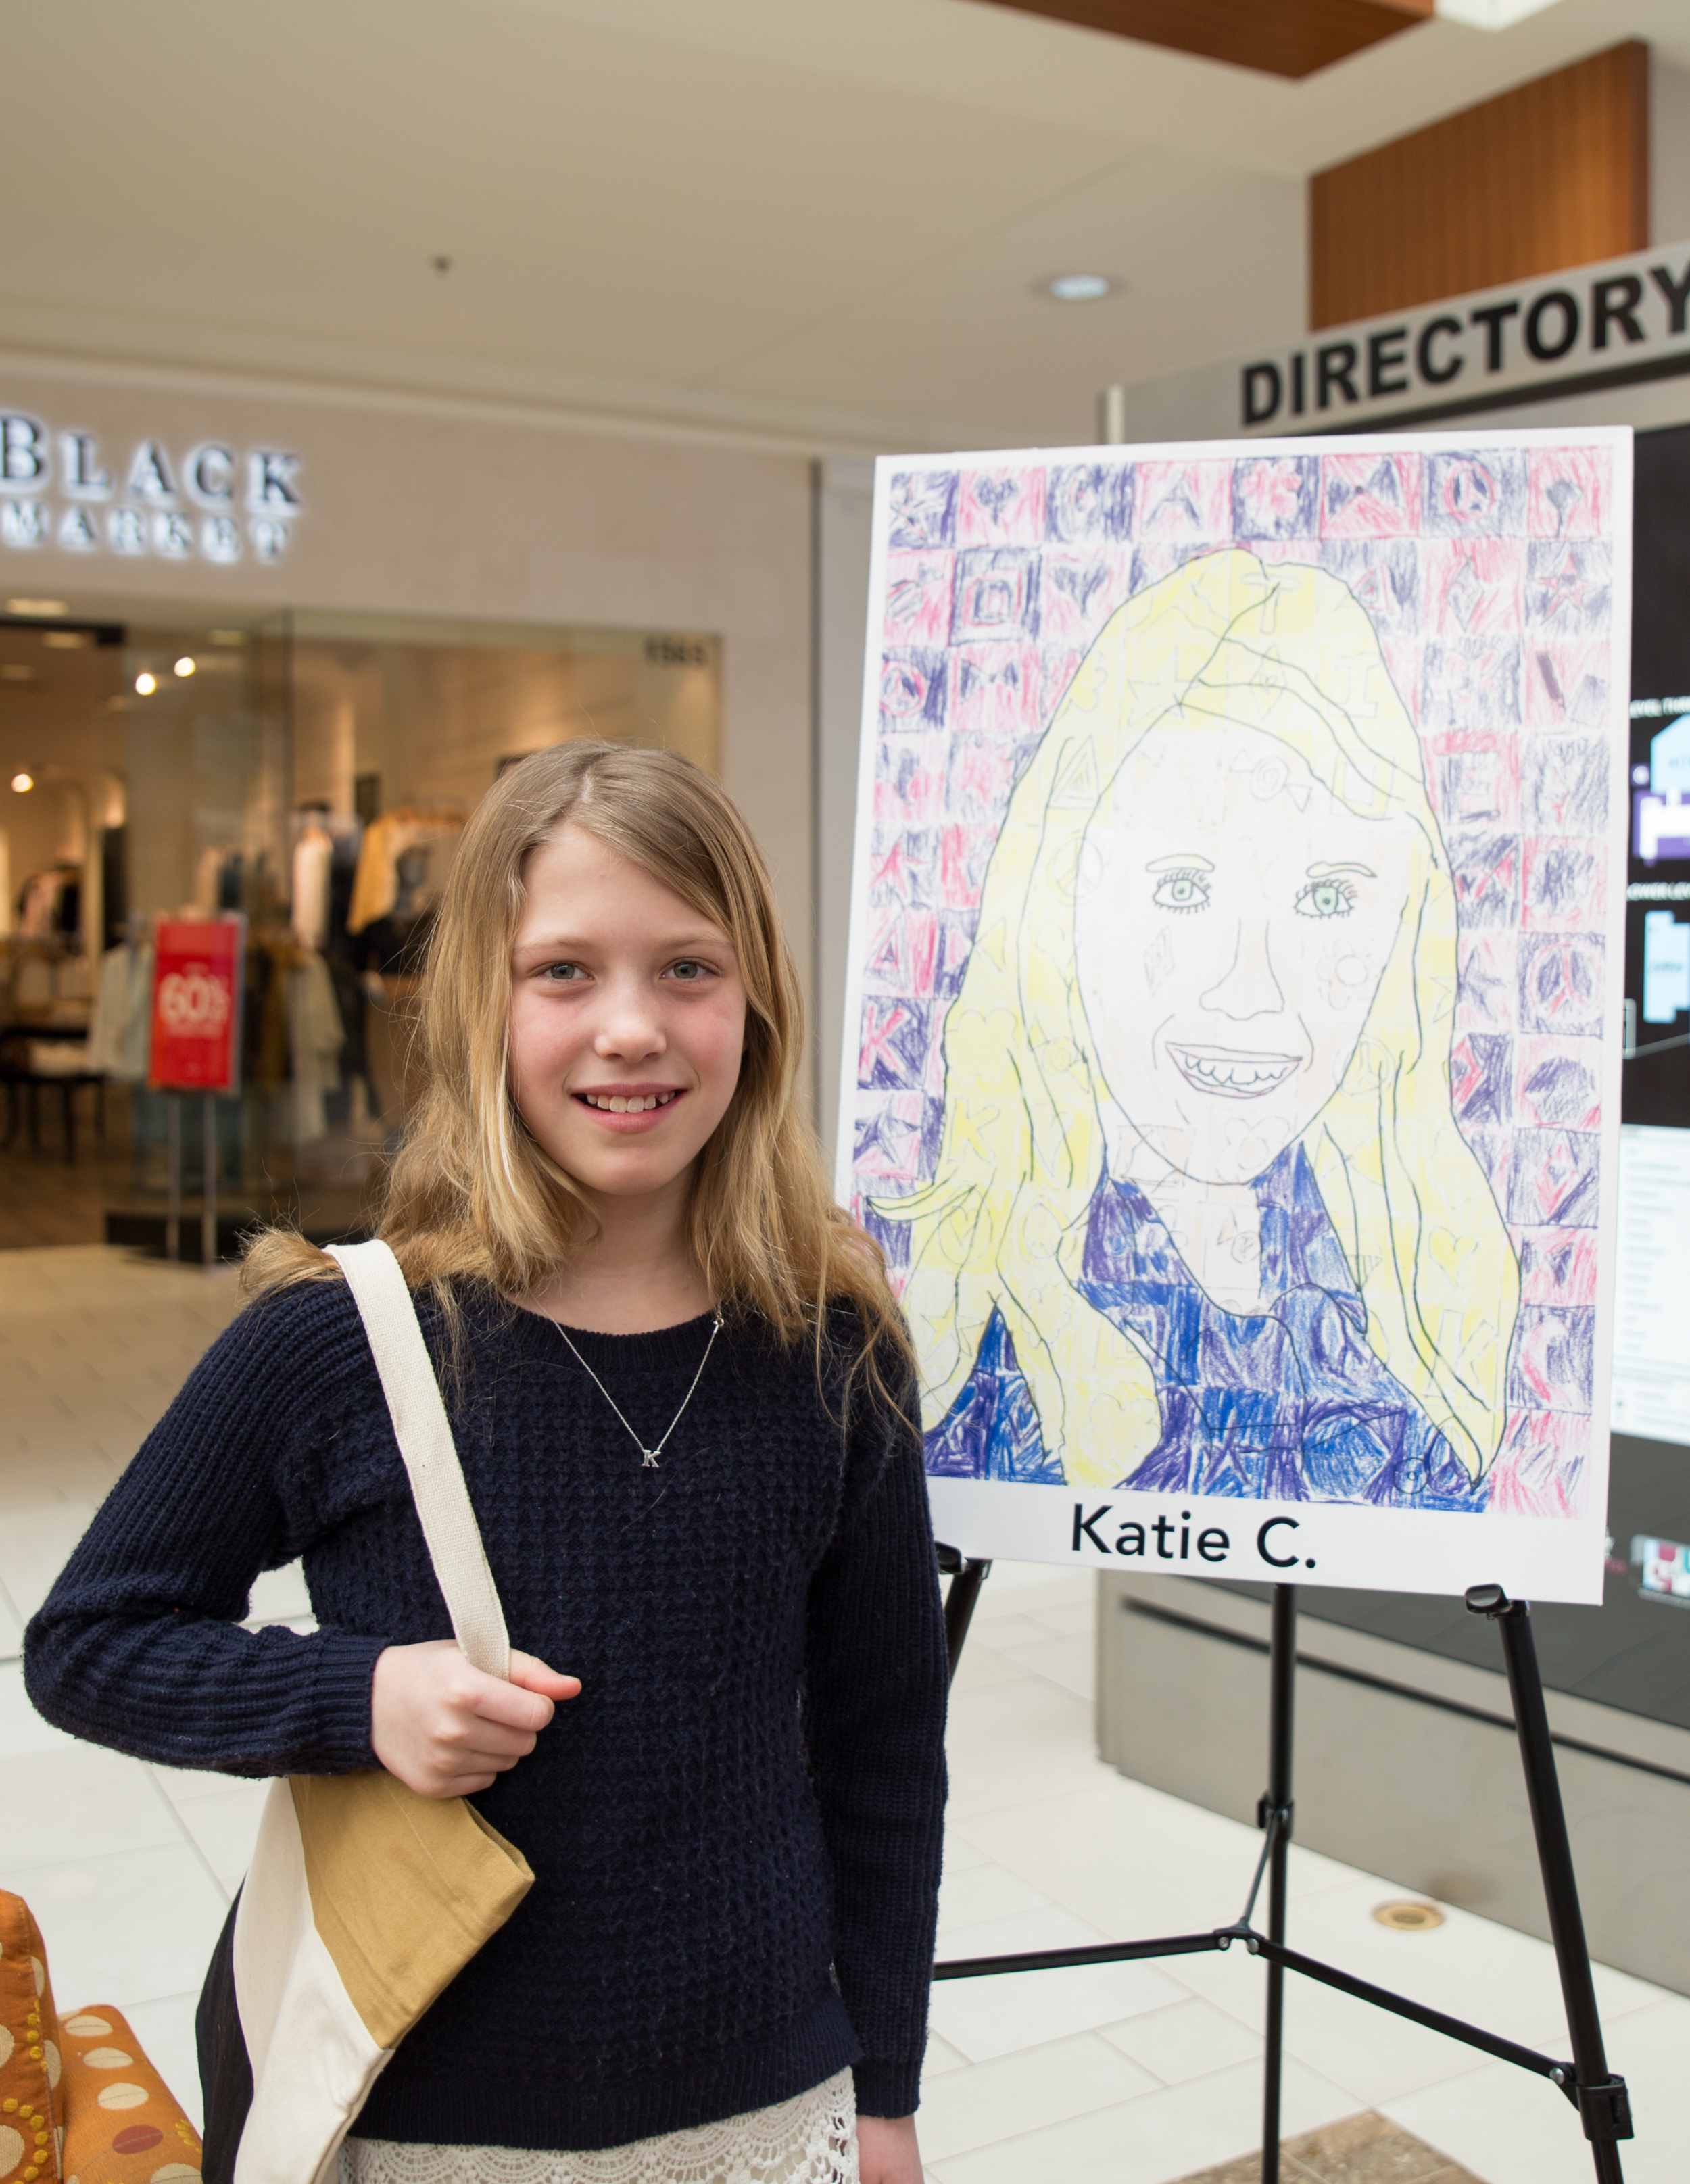 Katie C and her self portrait